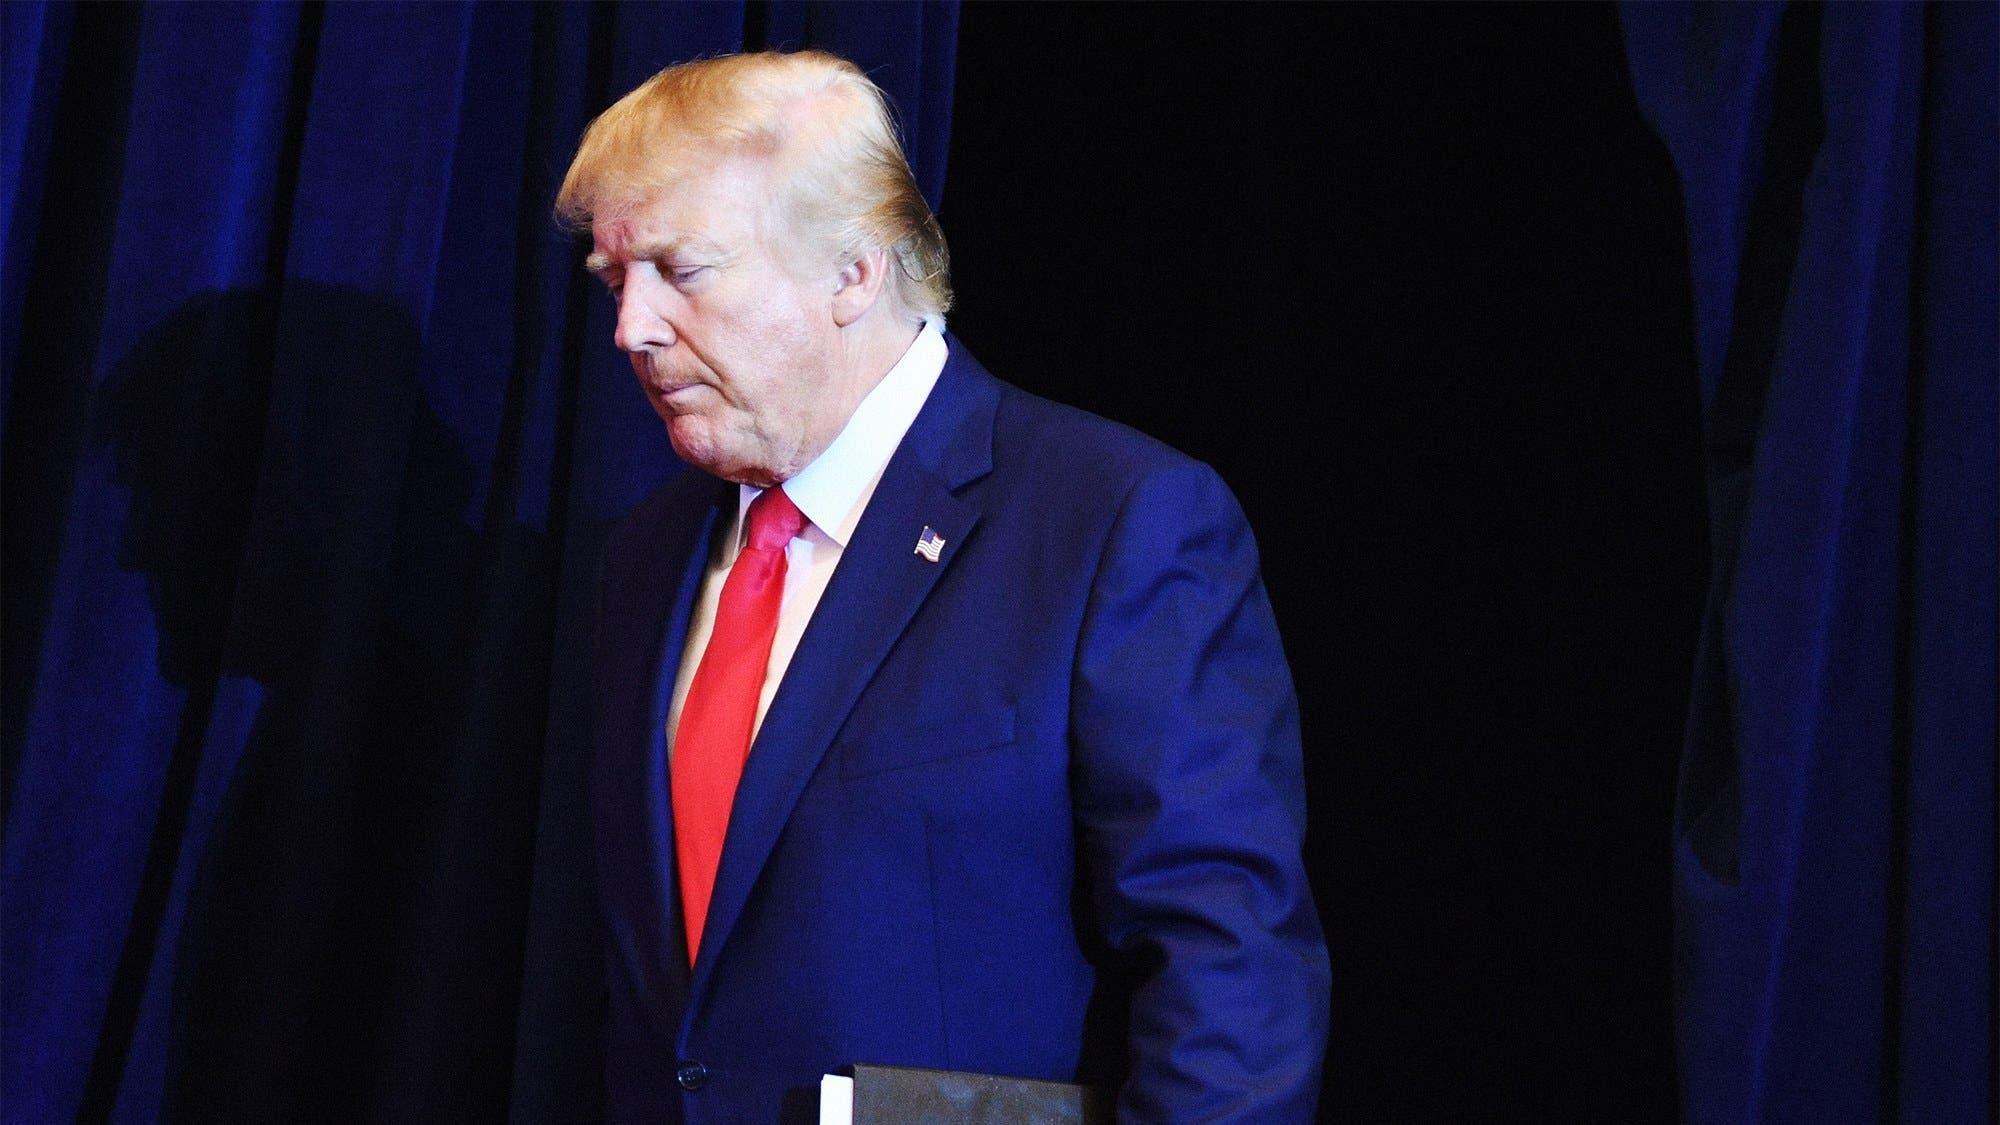 Natiijada baaritaanka lagu sameeyey Donald Trump ee Coronavirus oo la shaaciyey